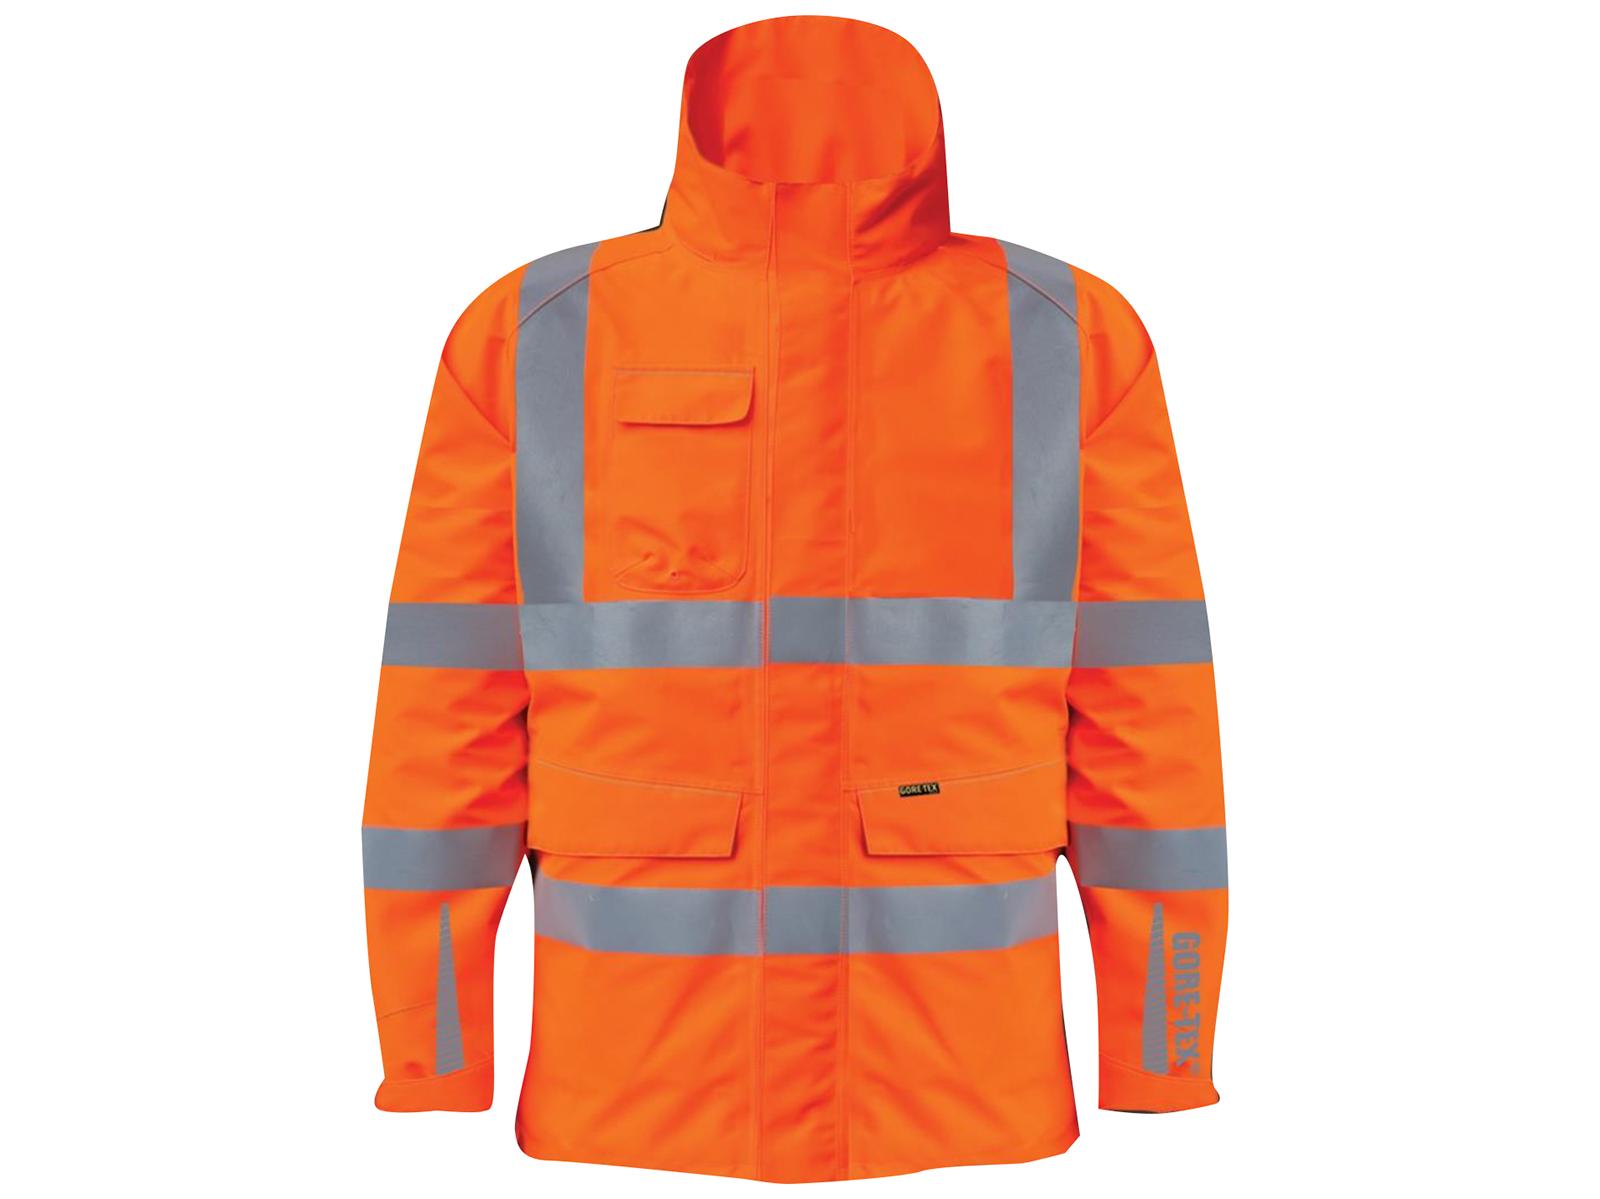 GN900 – GORE-TEX Rail Coat w/ Contoured neckline collar & Internal storm cuffs